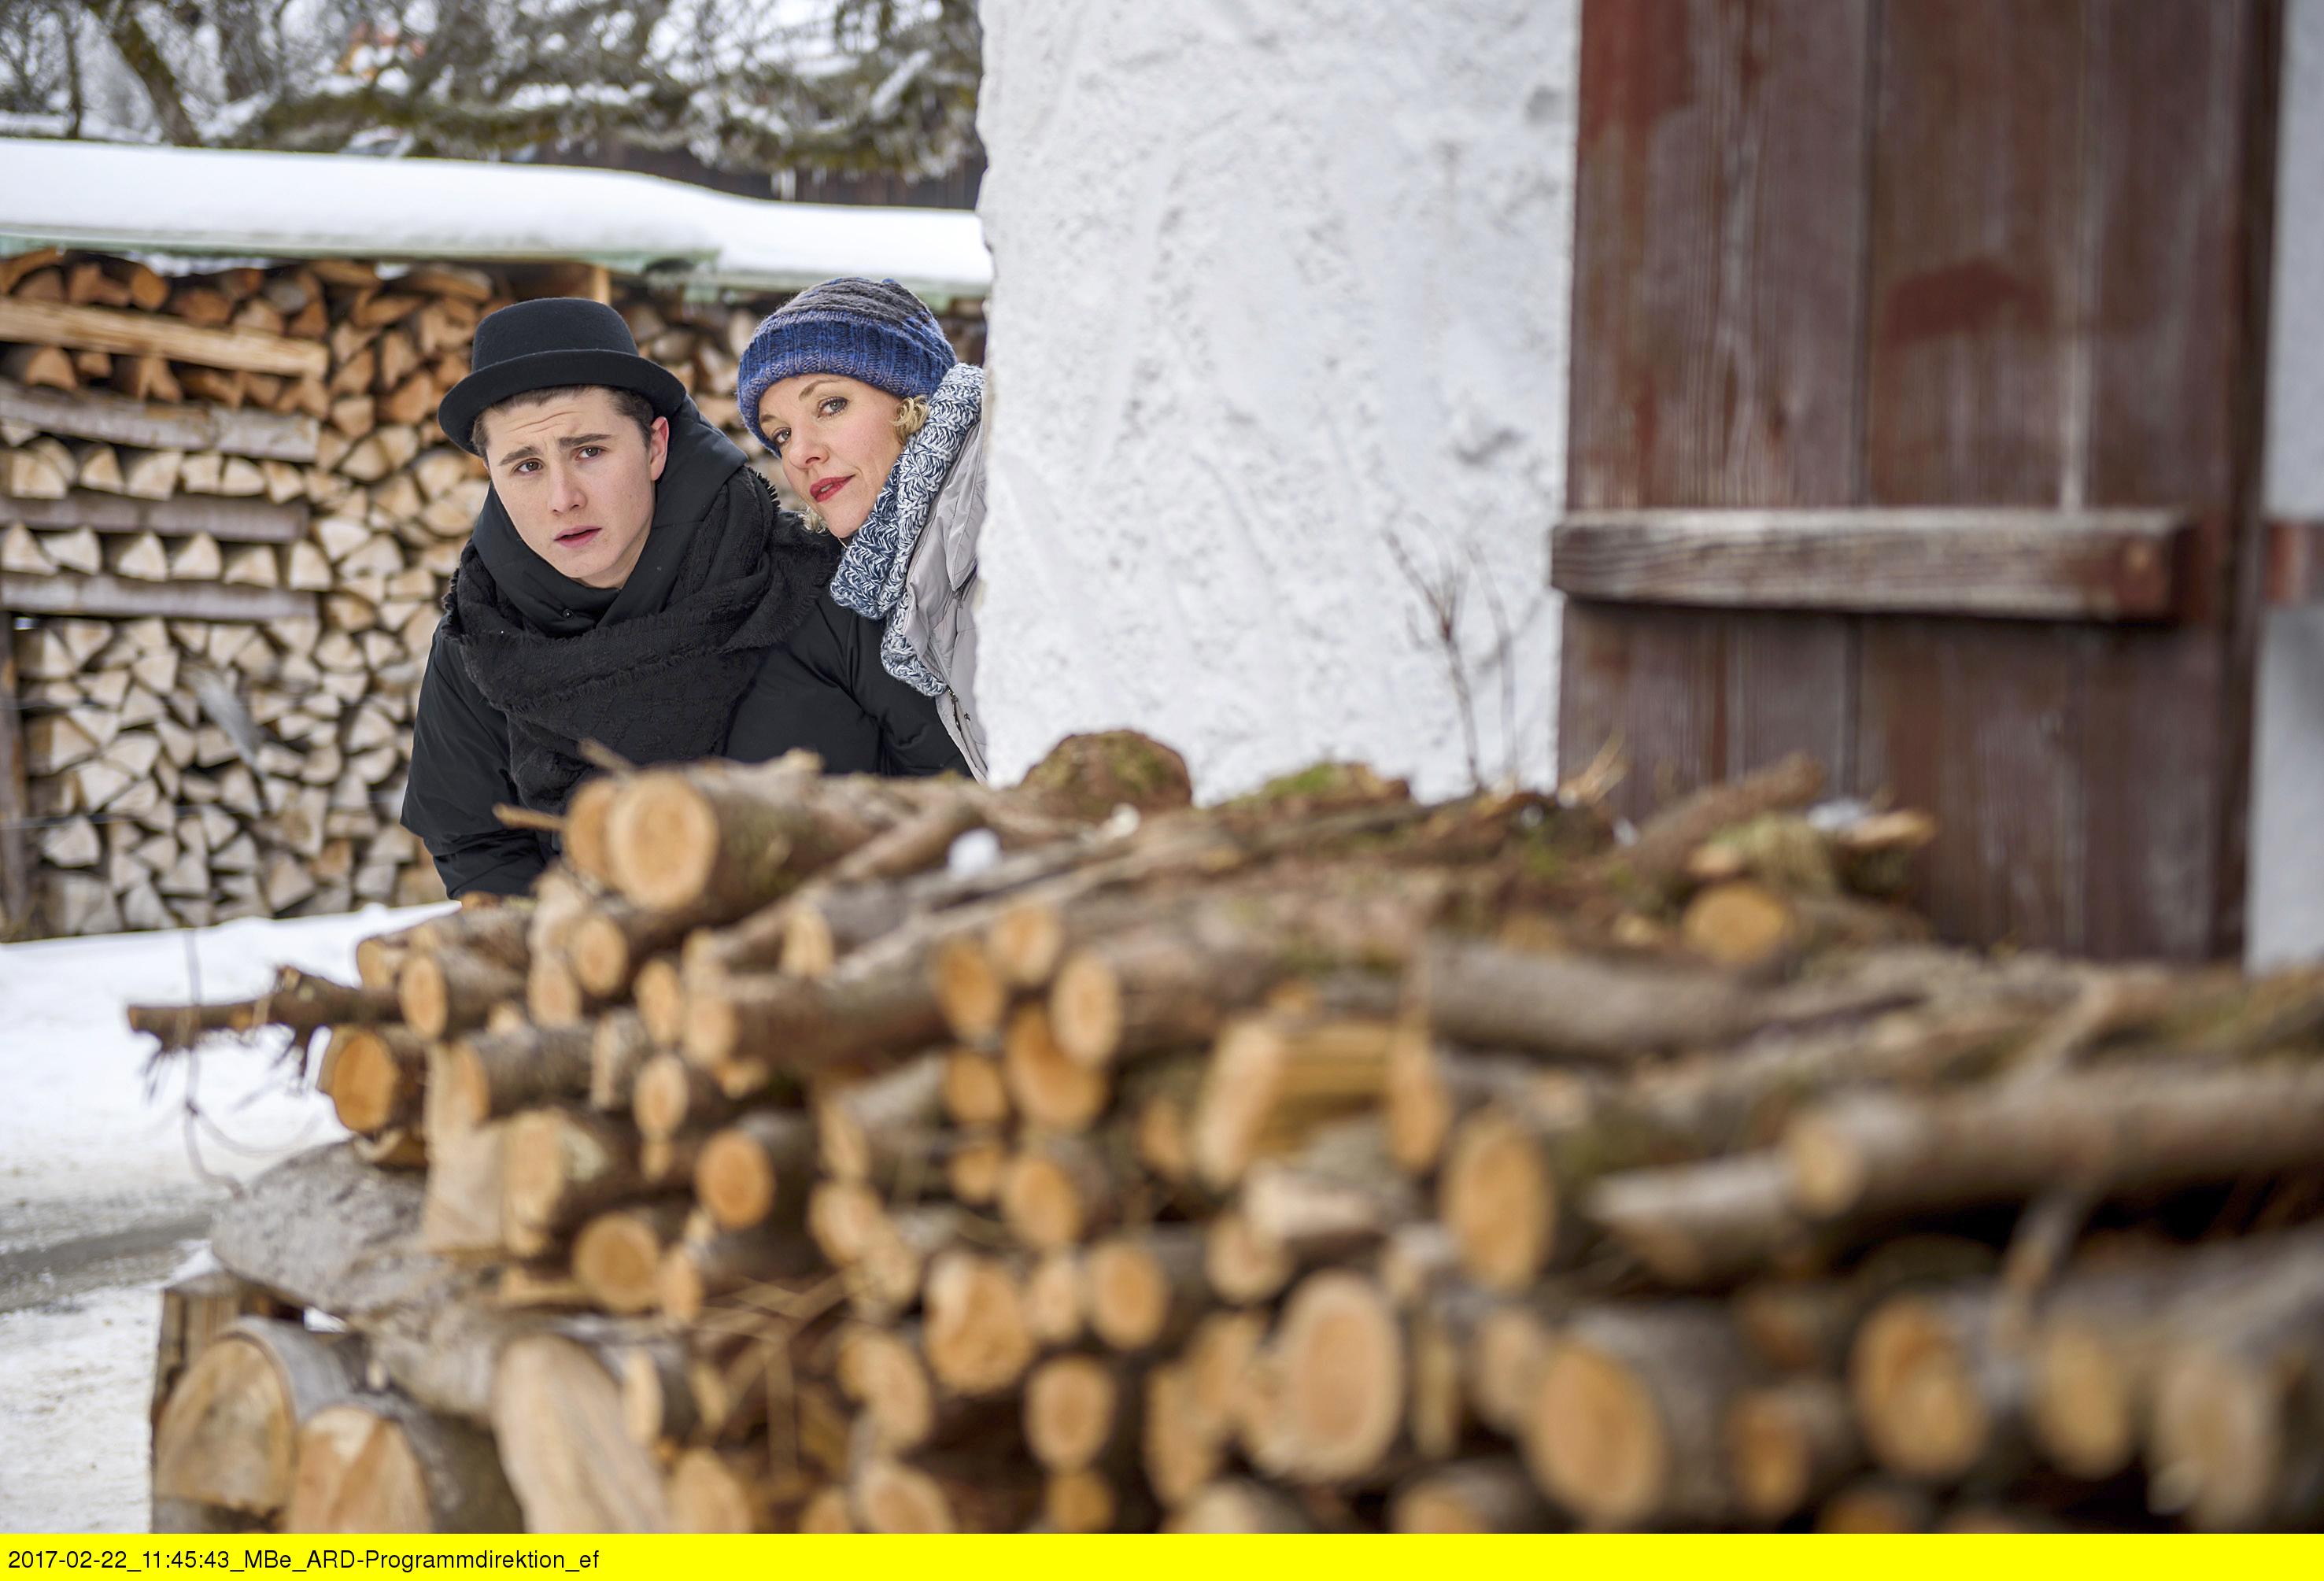 ARD STURM DER LIEBE FOLGE 2663, am Donnerstag (06.04.17) um 15:10 Uhr im ERSTEN. Natascha (Melanie Wiegmann, r.) hilft Fabien (Lukas Schmidt, l.) beim Diebstahl der Prüfungslösungen für Nora. (Quelle: ARD/Christof Anrold)